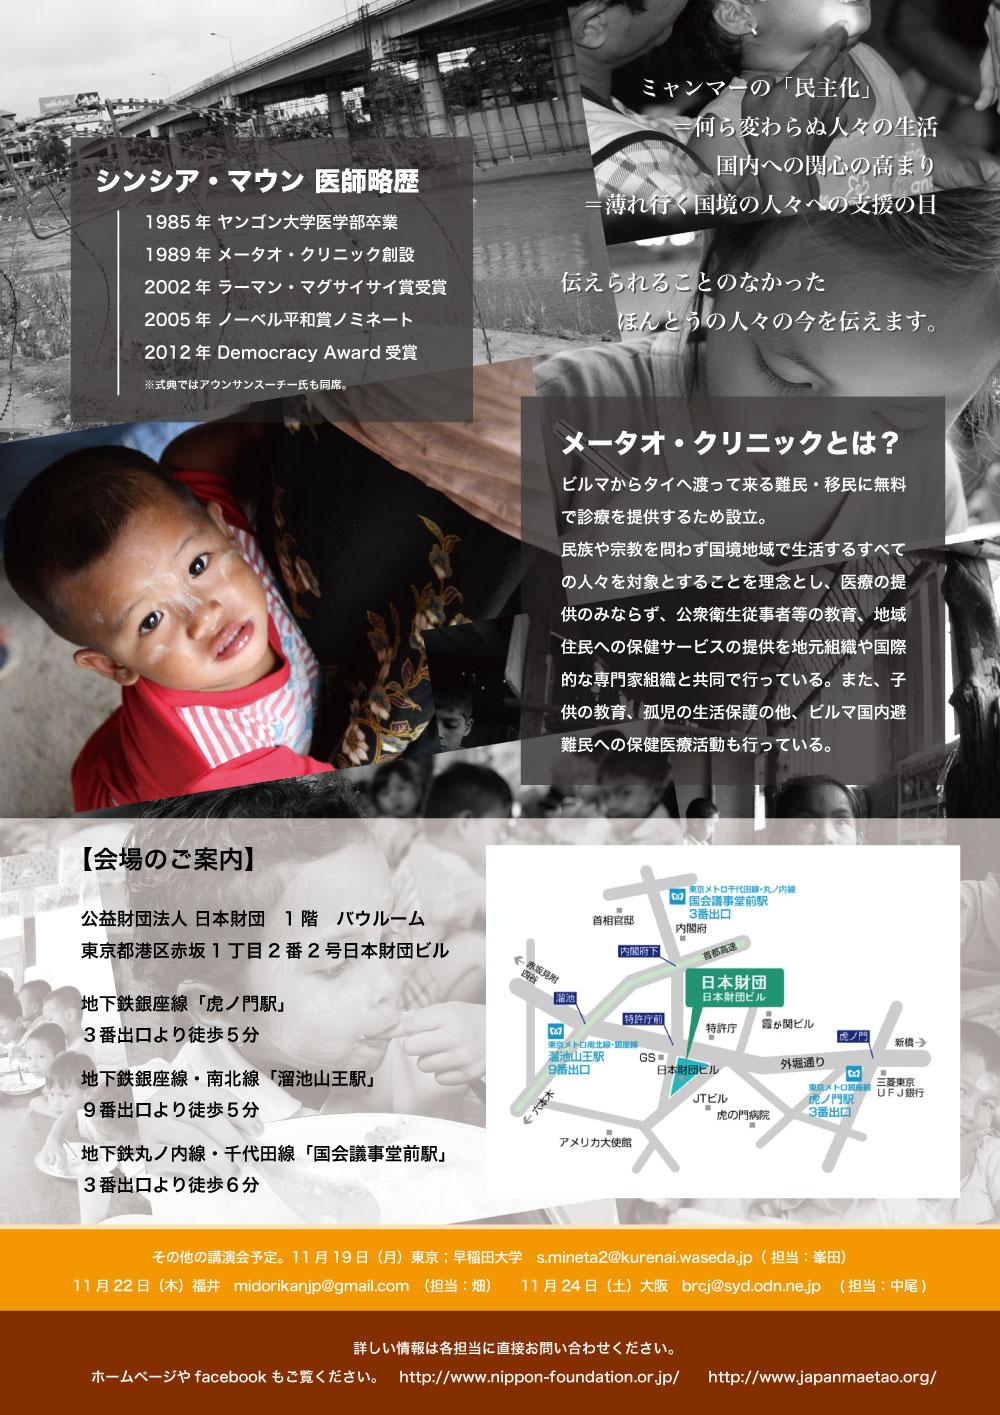 gf_reaf_tokyo.jpg